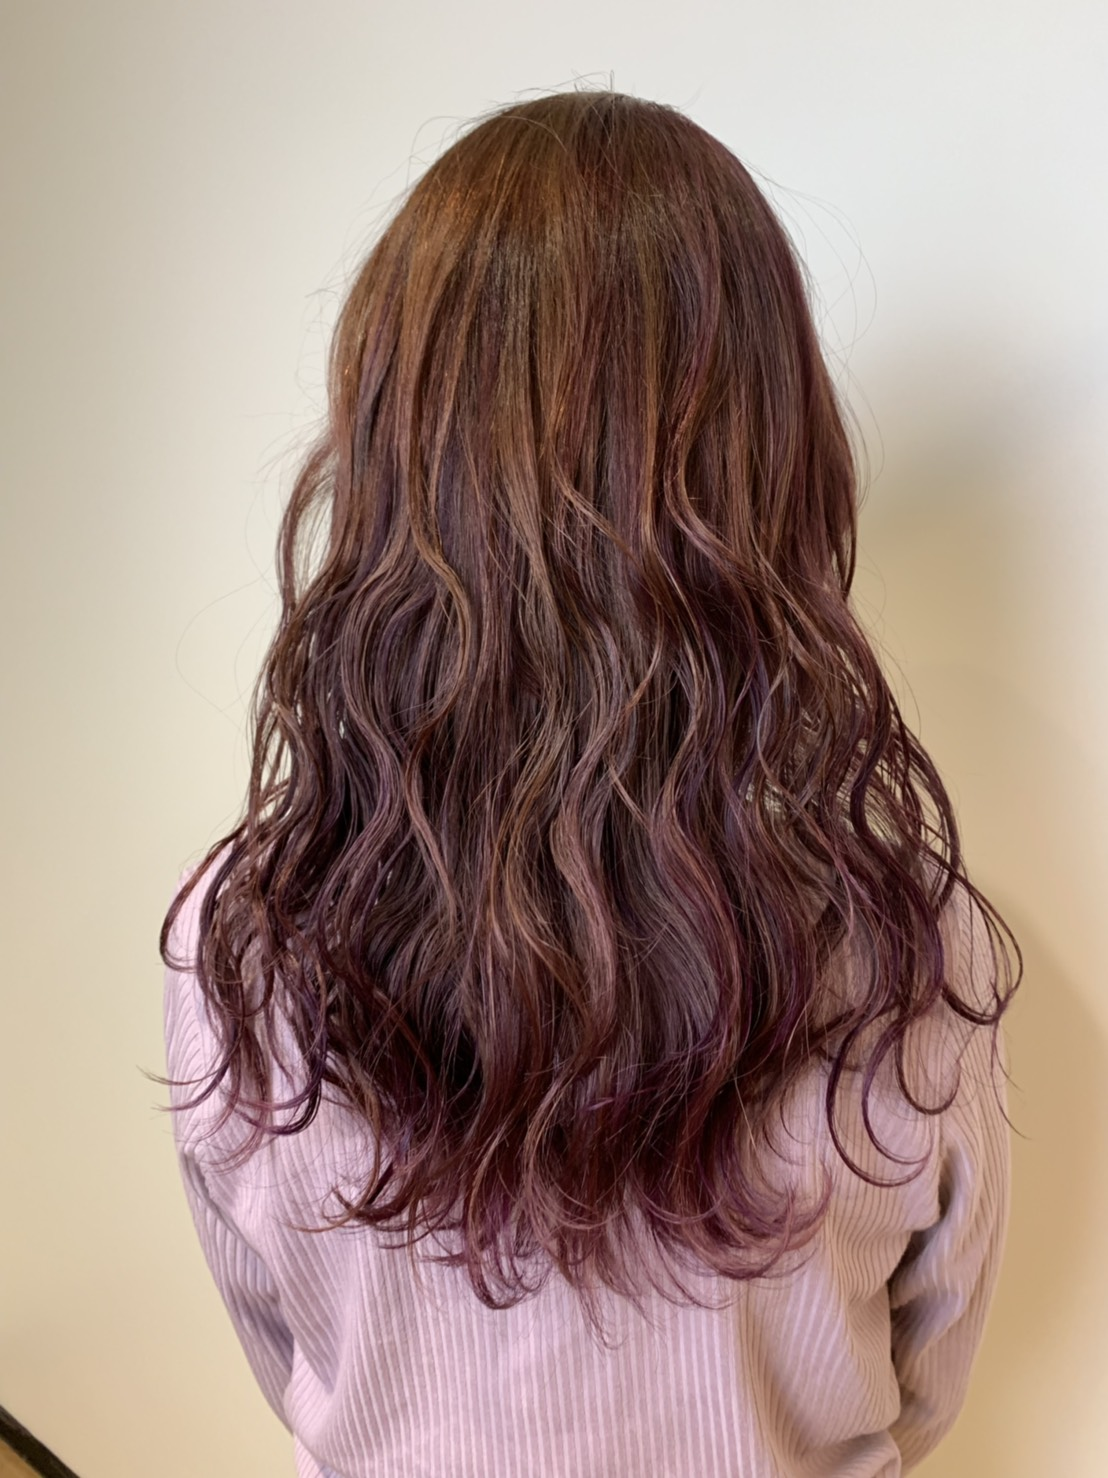 S  31023120 - Hair Gallery